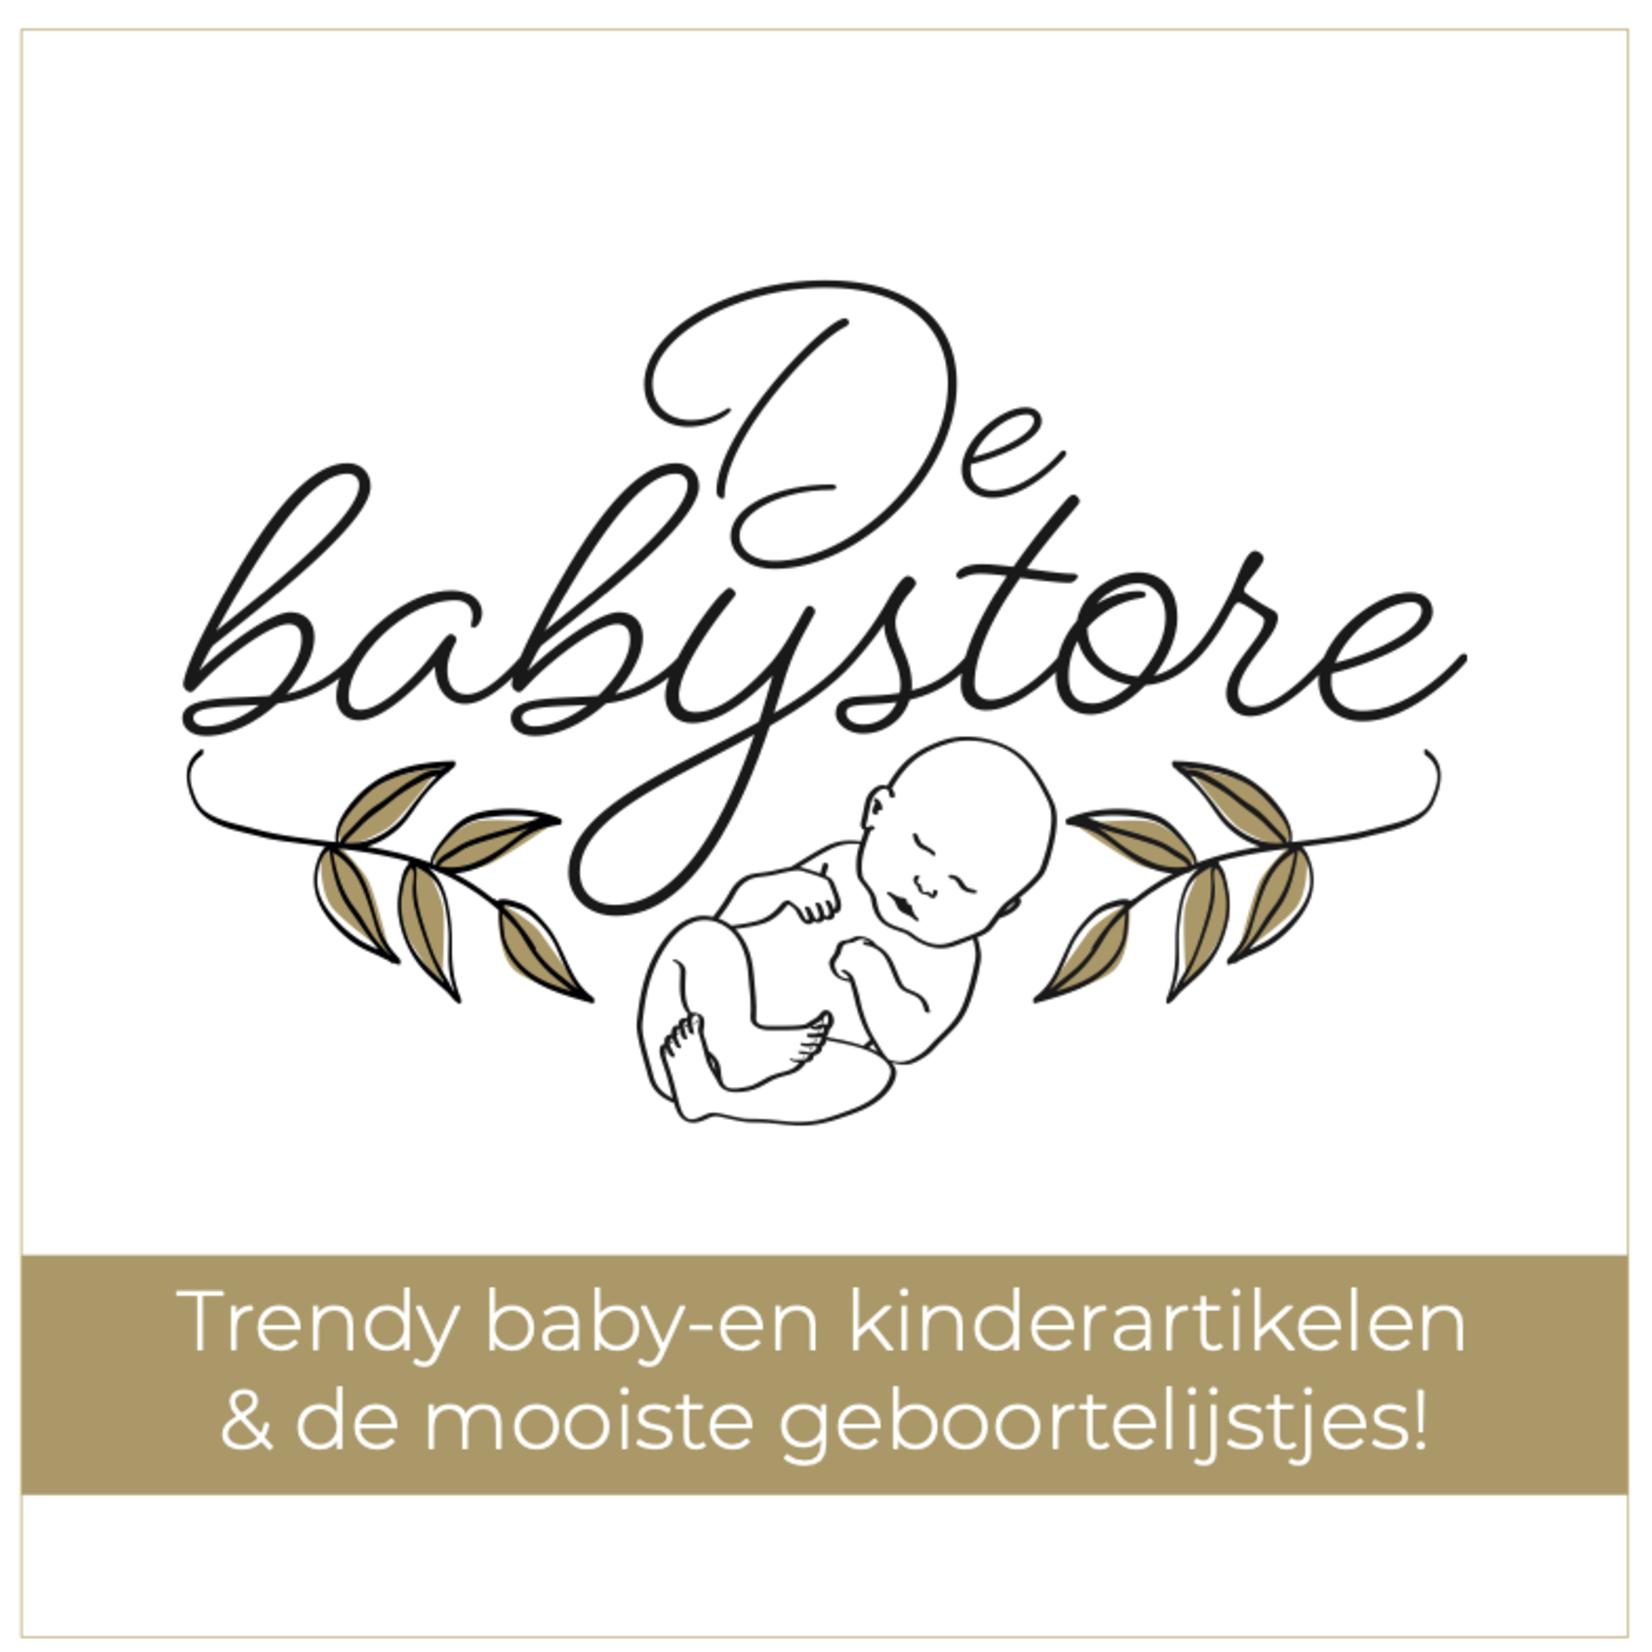 De babystore De babystore Digitale Geschenkbon 5 euro